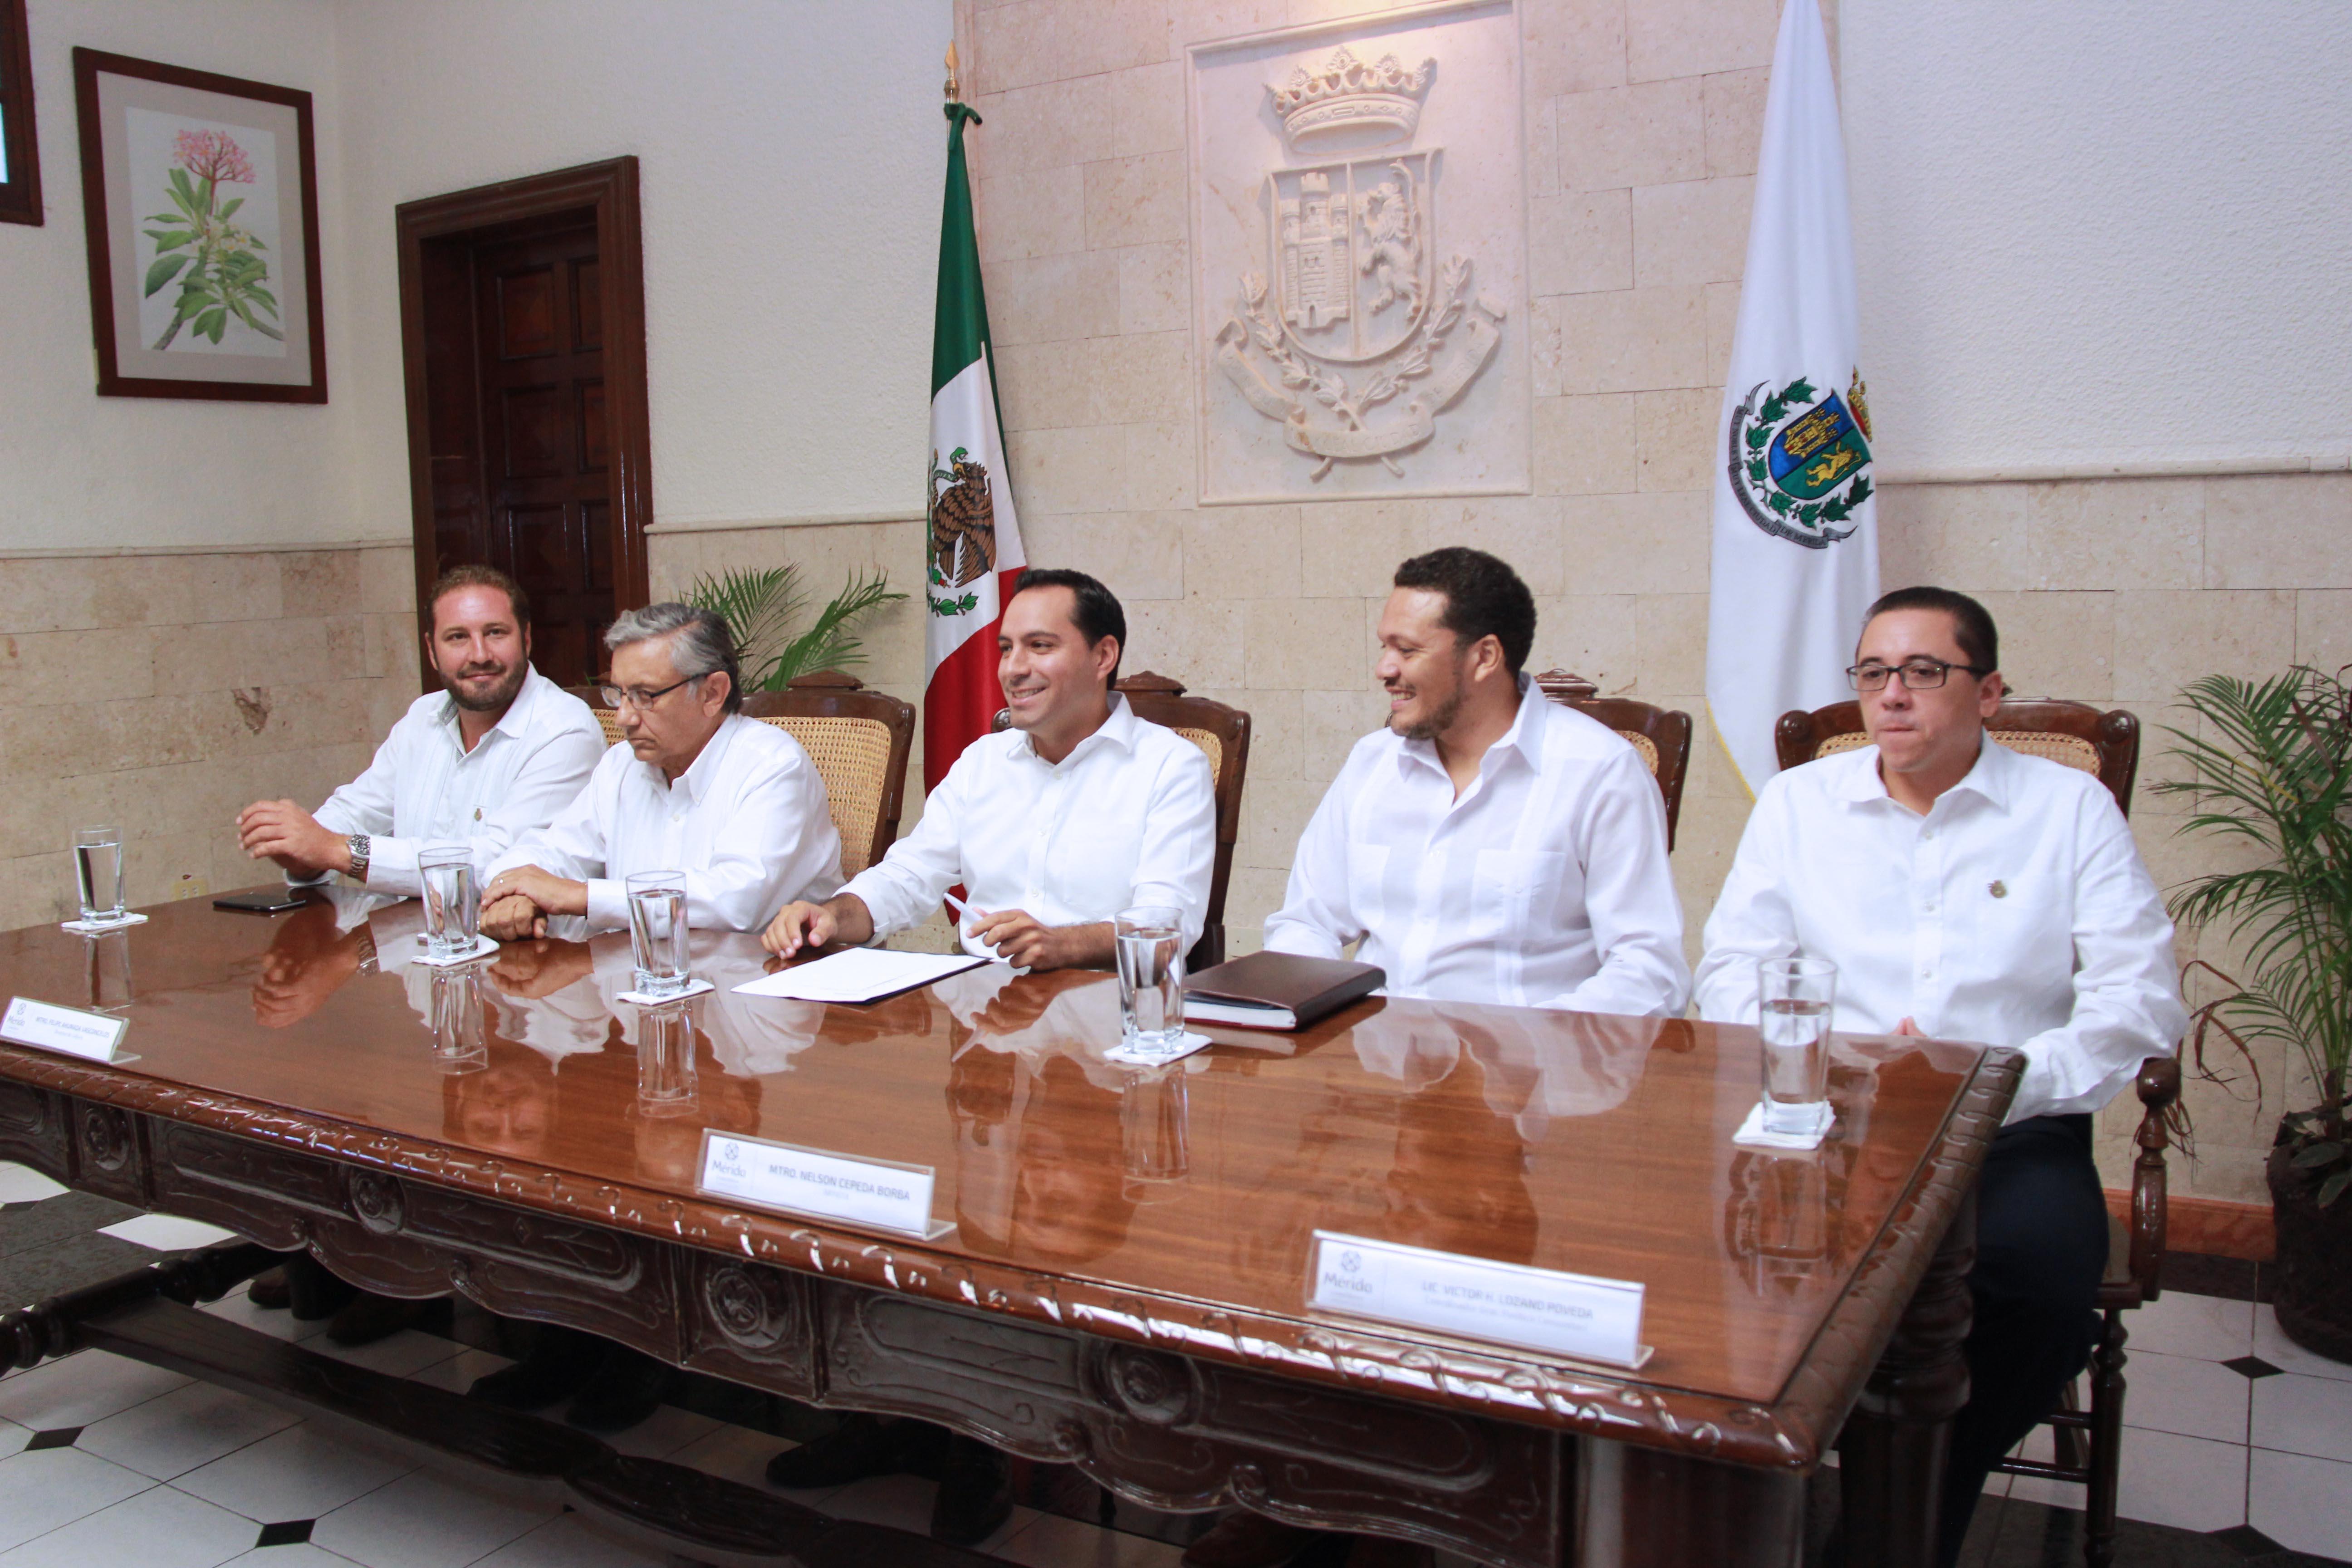 Abren convocatorias para Mérida Fest 2017 y fondos de artes